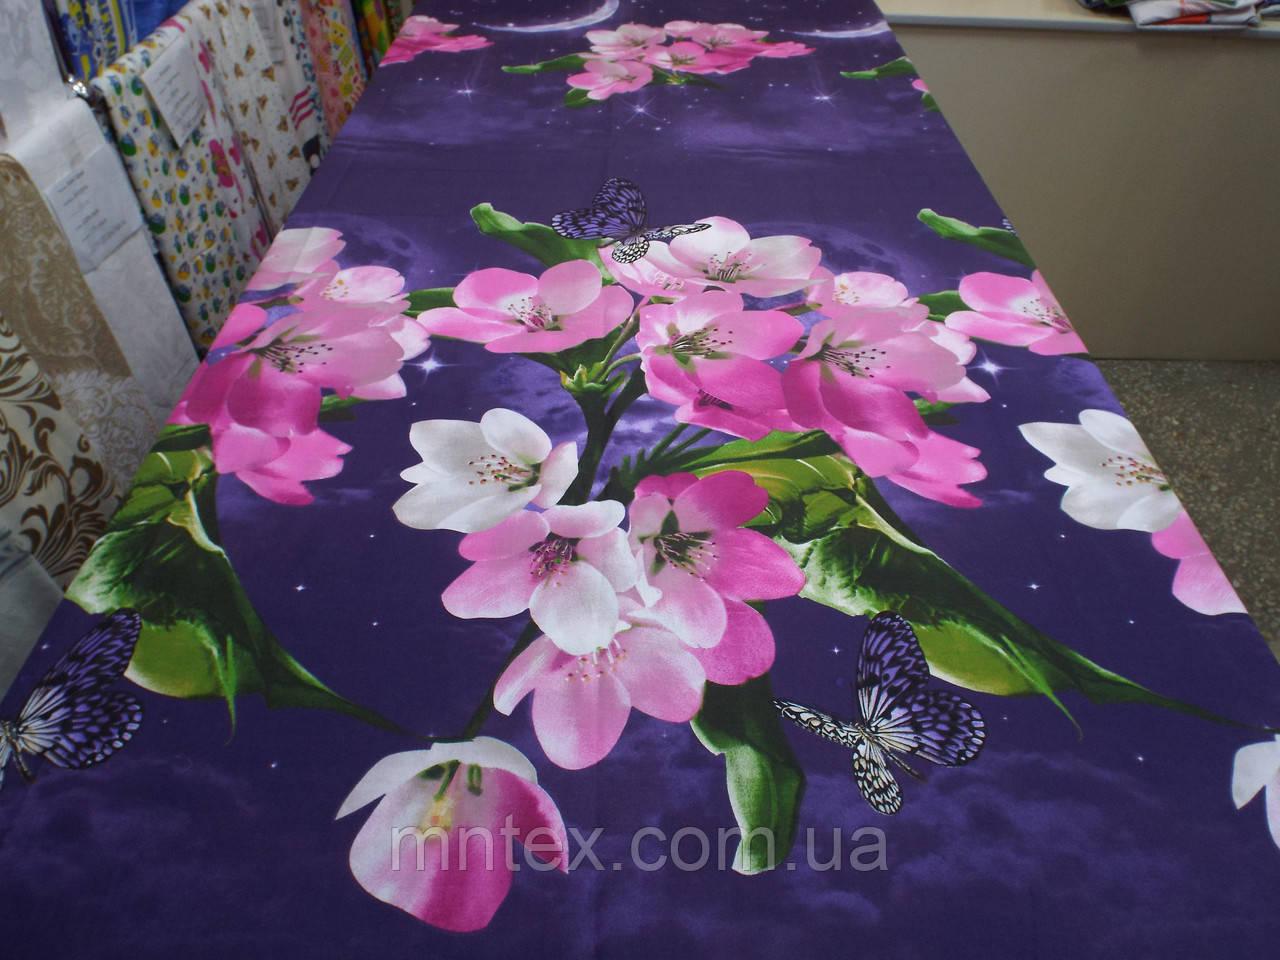 Ткань для пошива постельного белья Ранфорс Жасмин